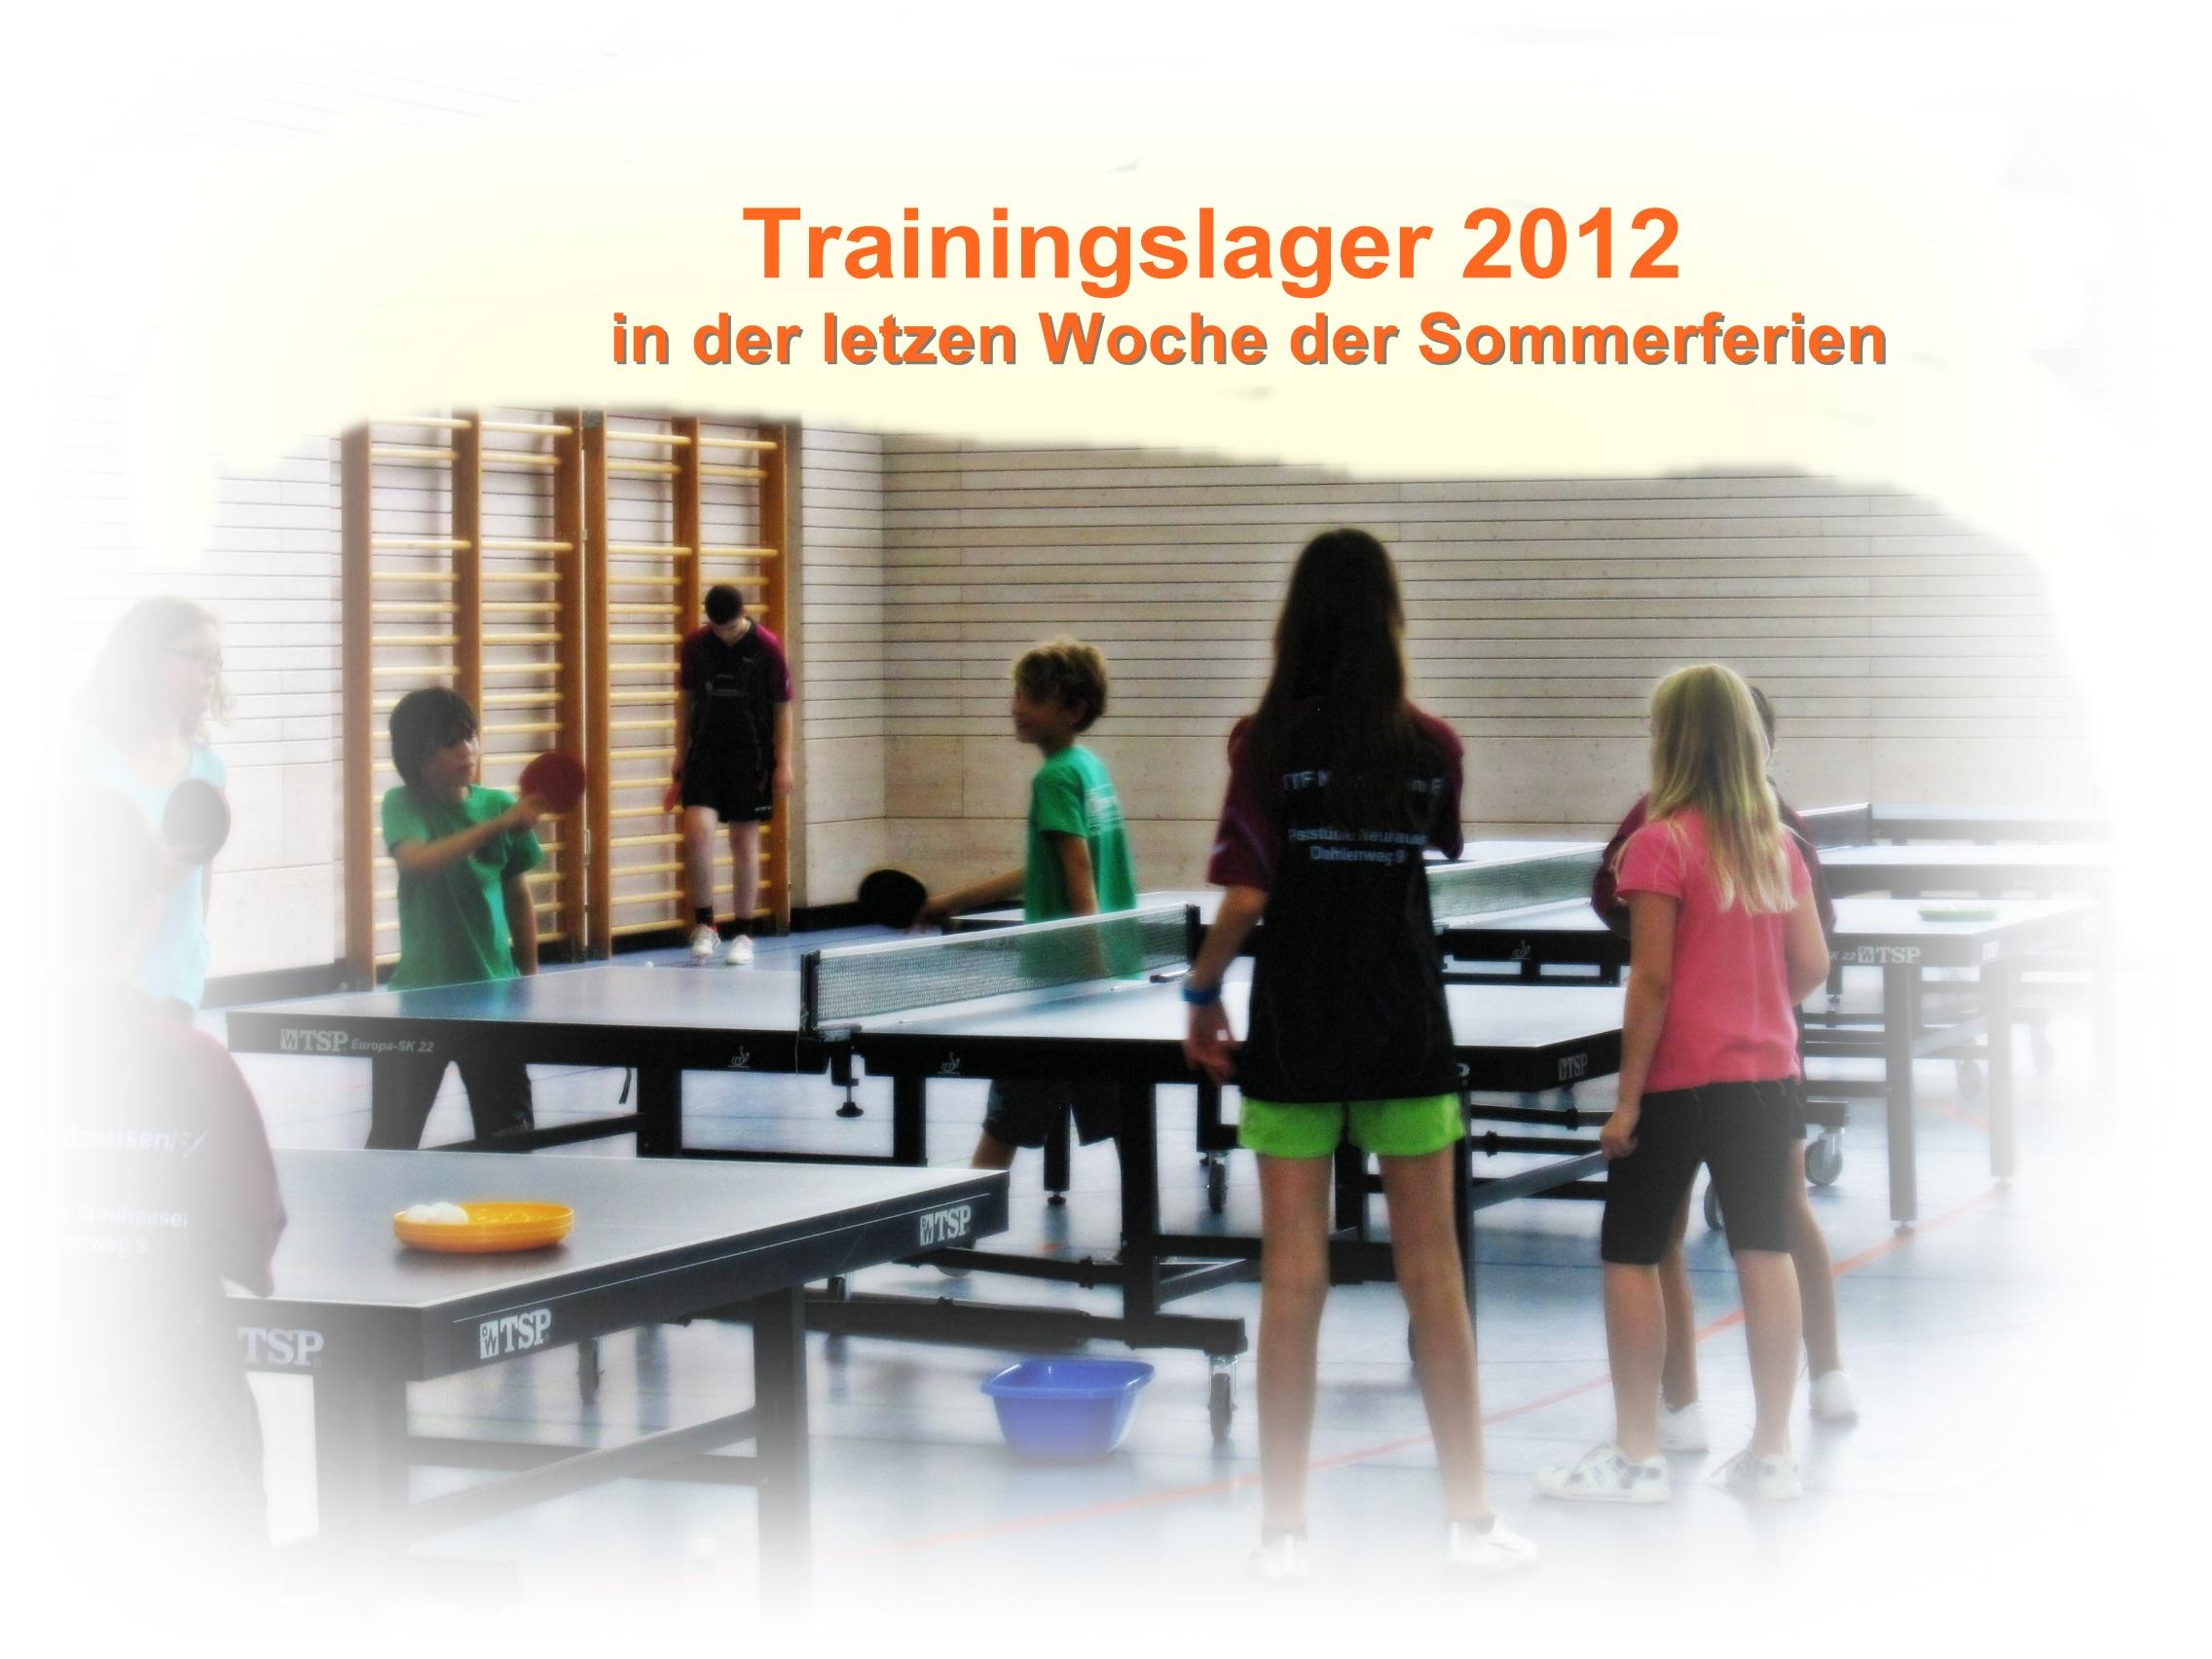 Trainingslager der Jugend